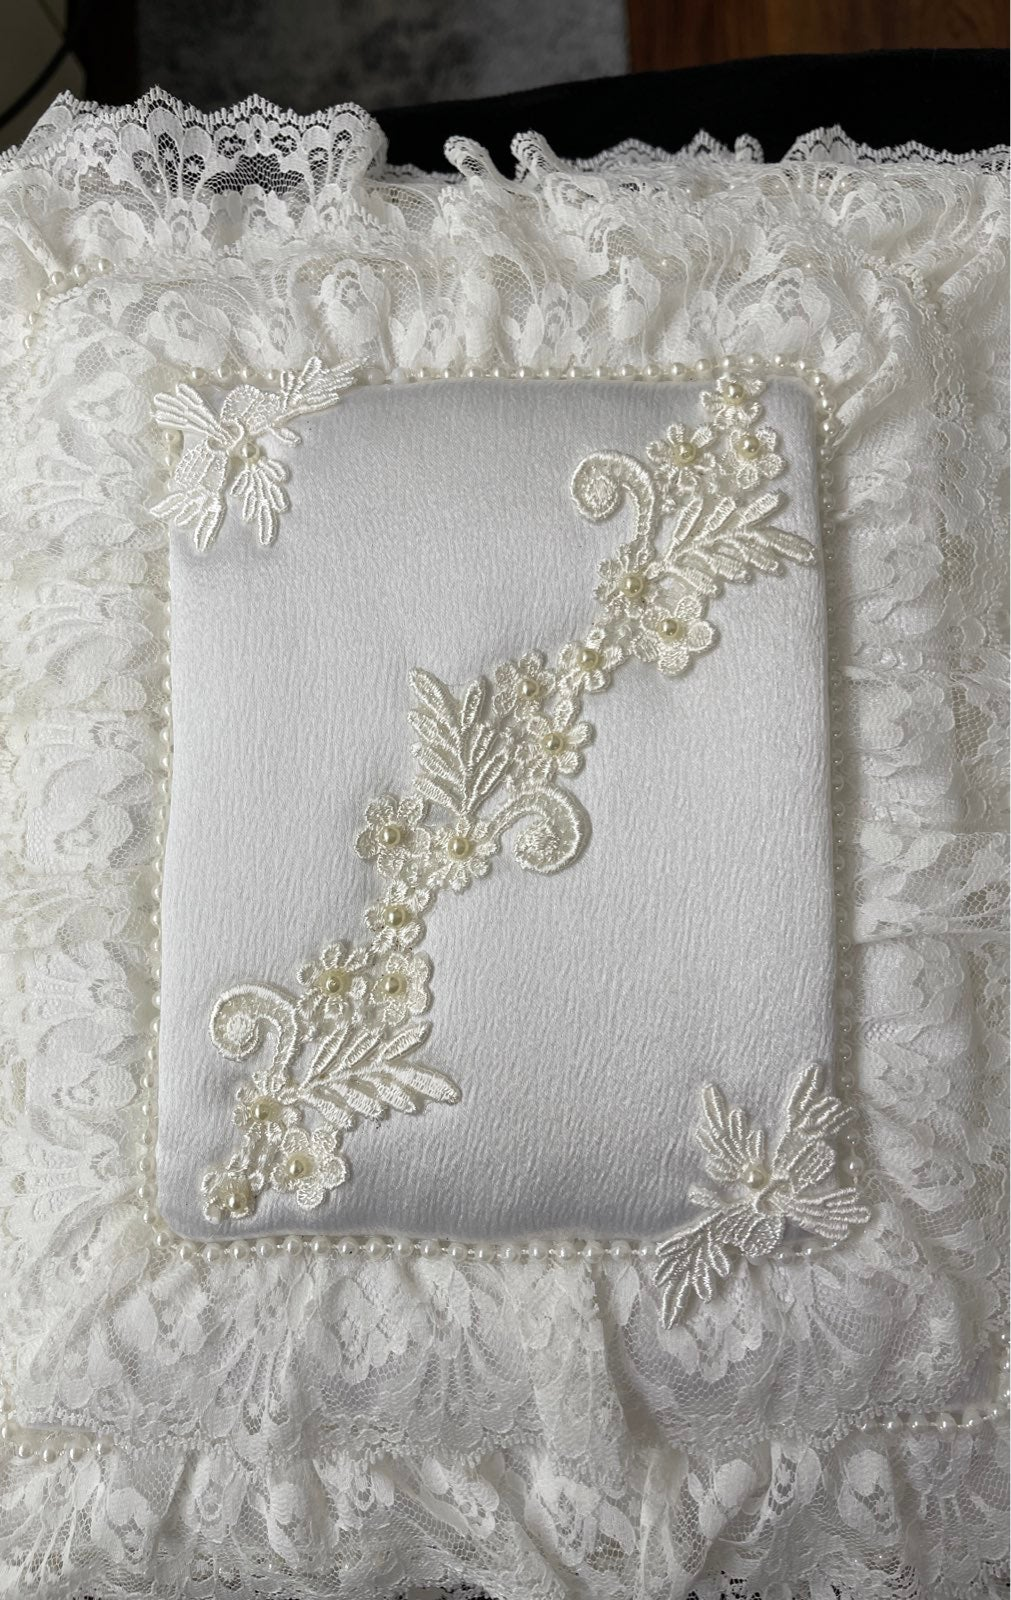 Wedding Album (Lace/New)